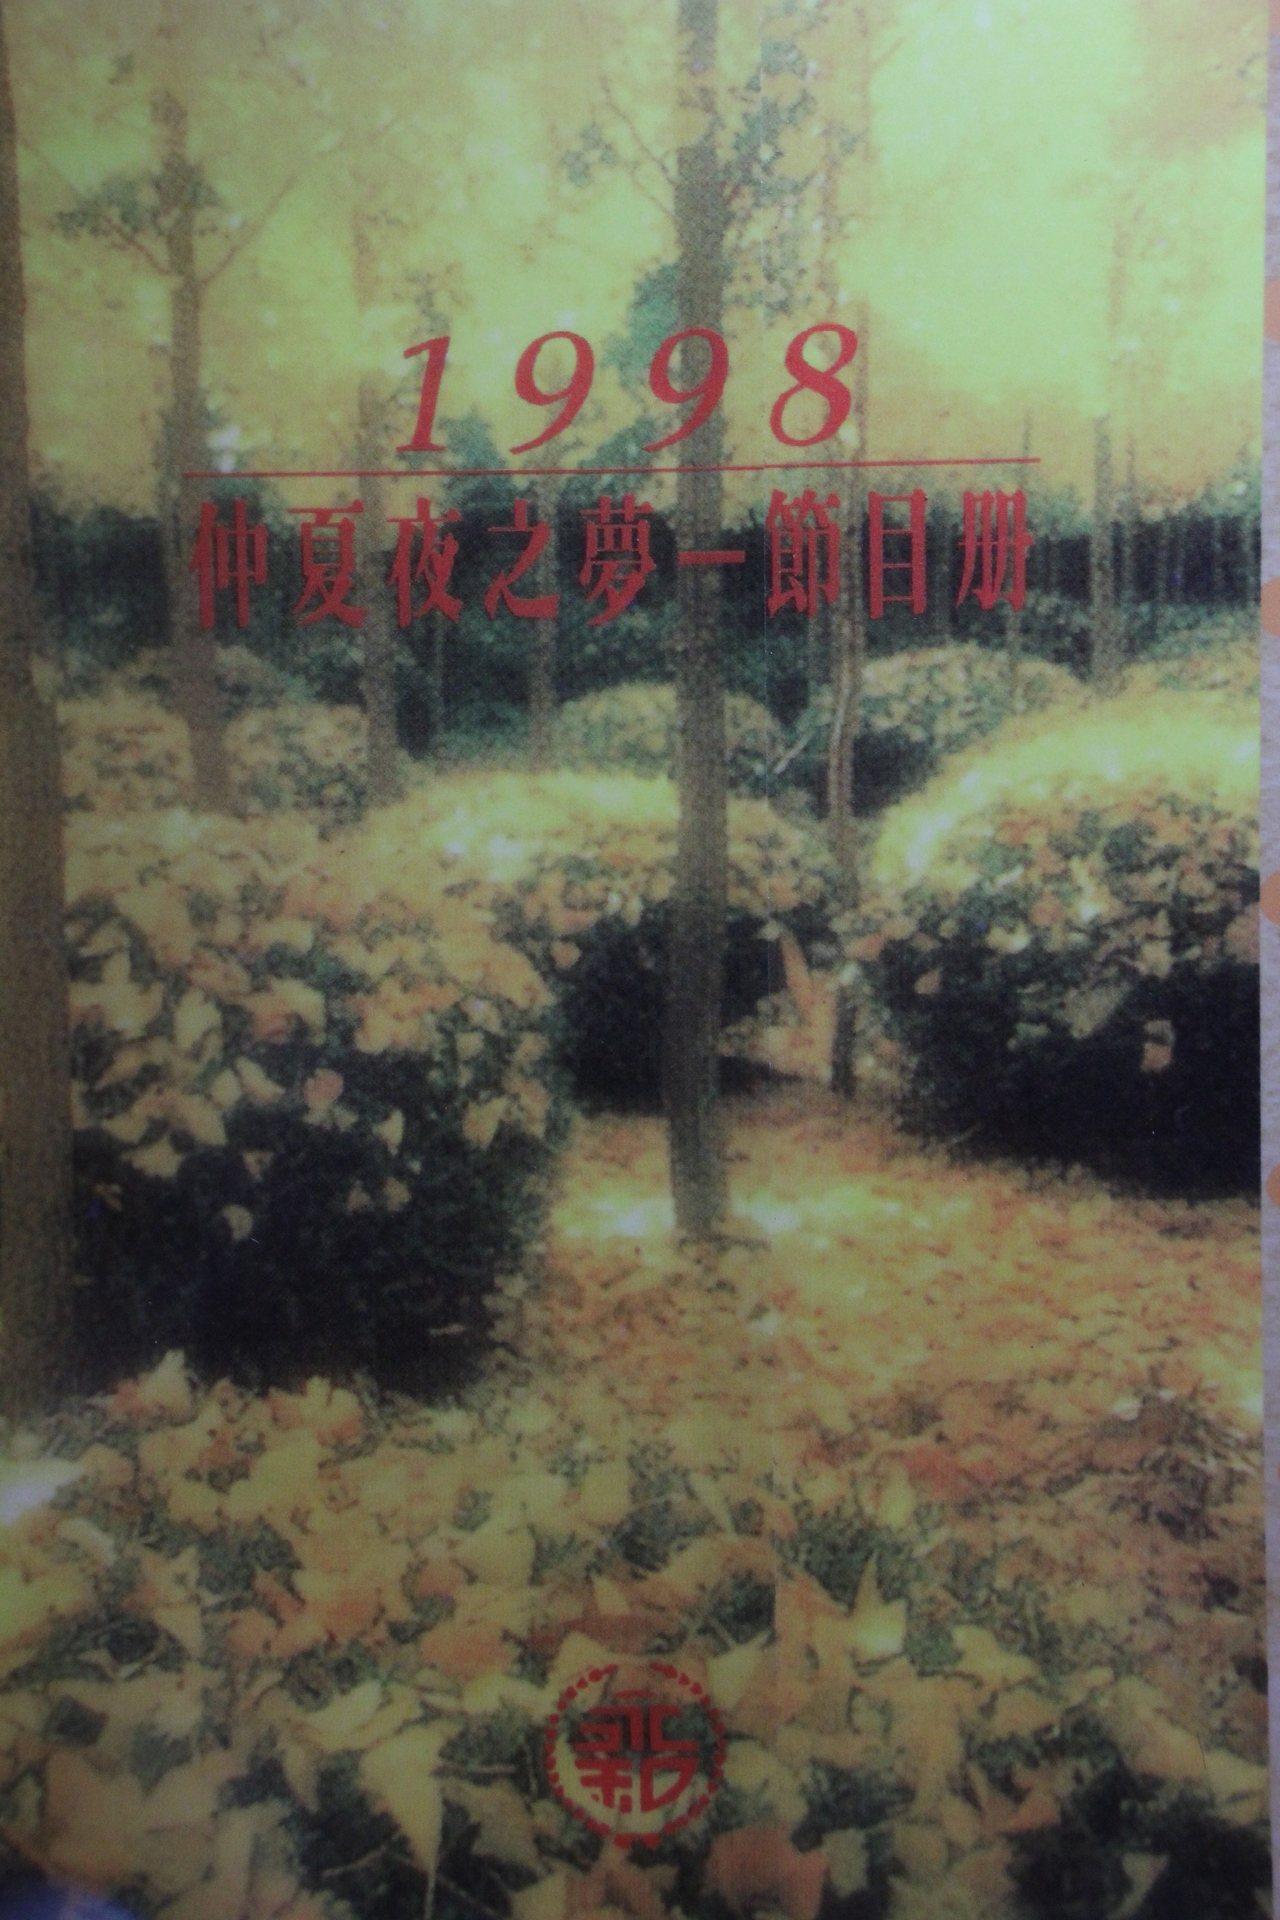 1998年仲夏夜之夢的節目單,很有復古味。記者魏翊庭/翻攝